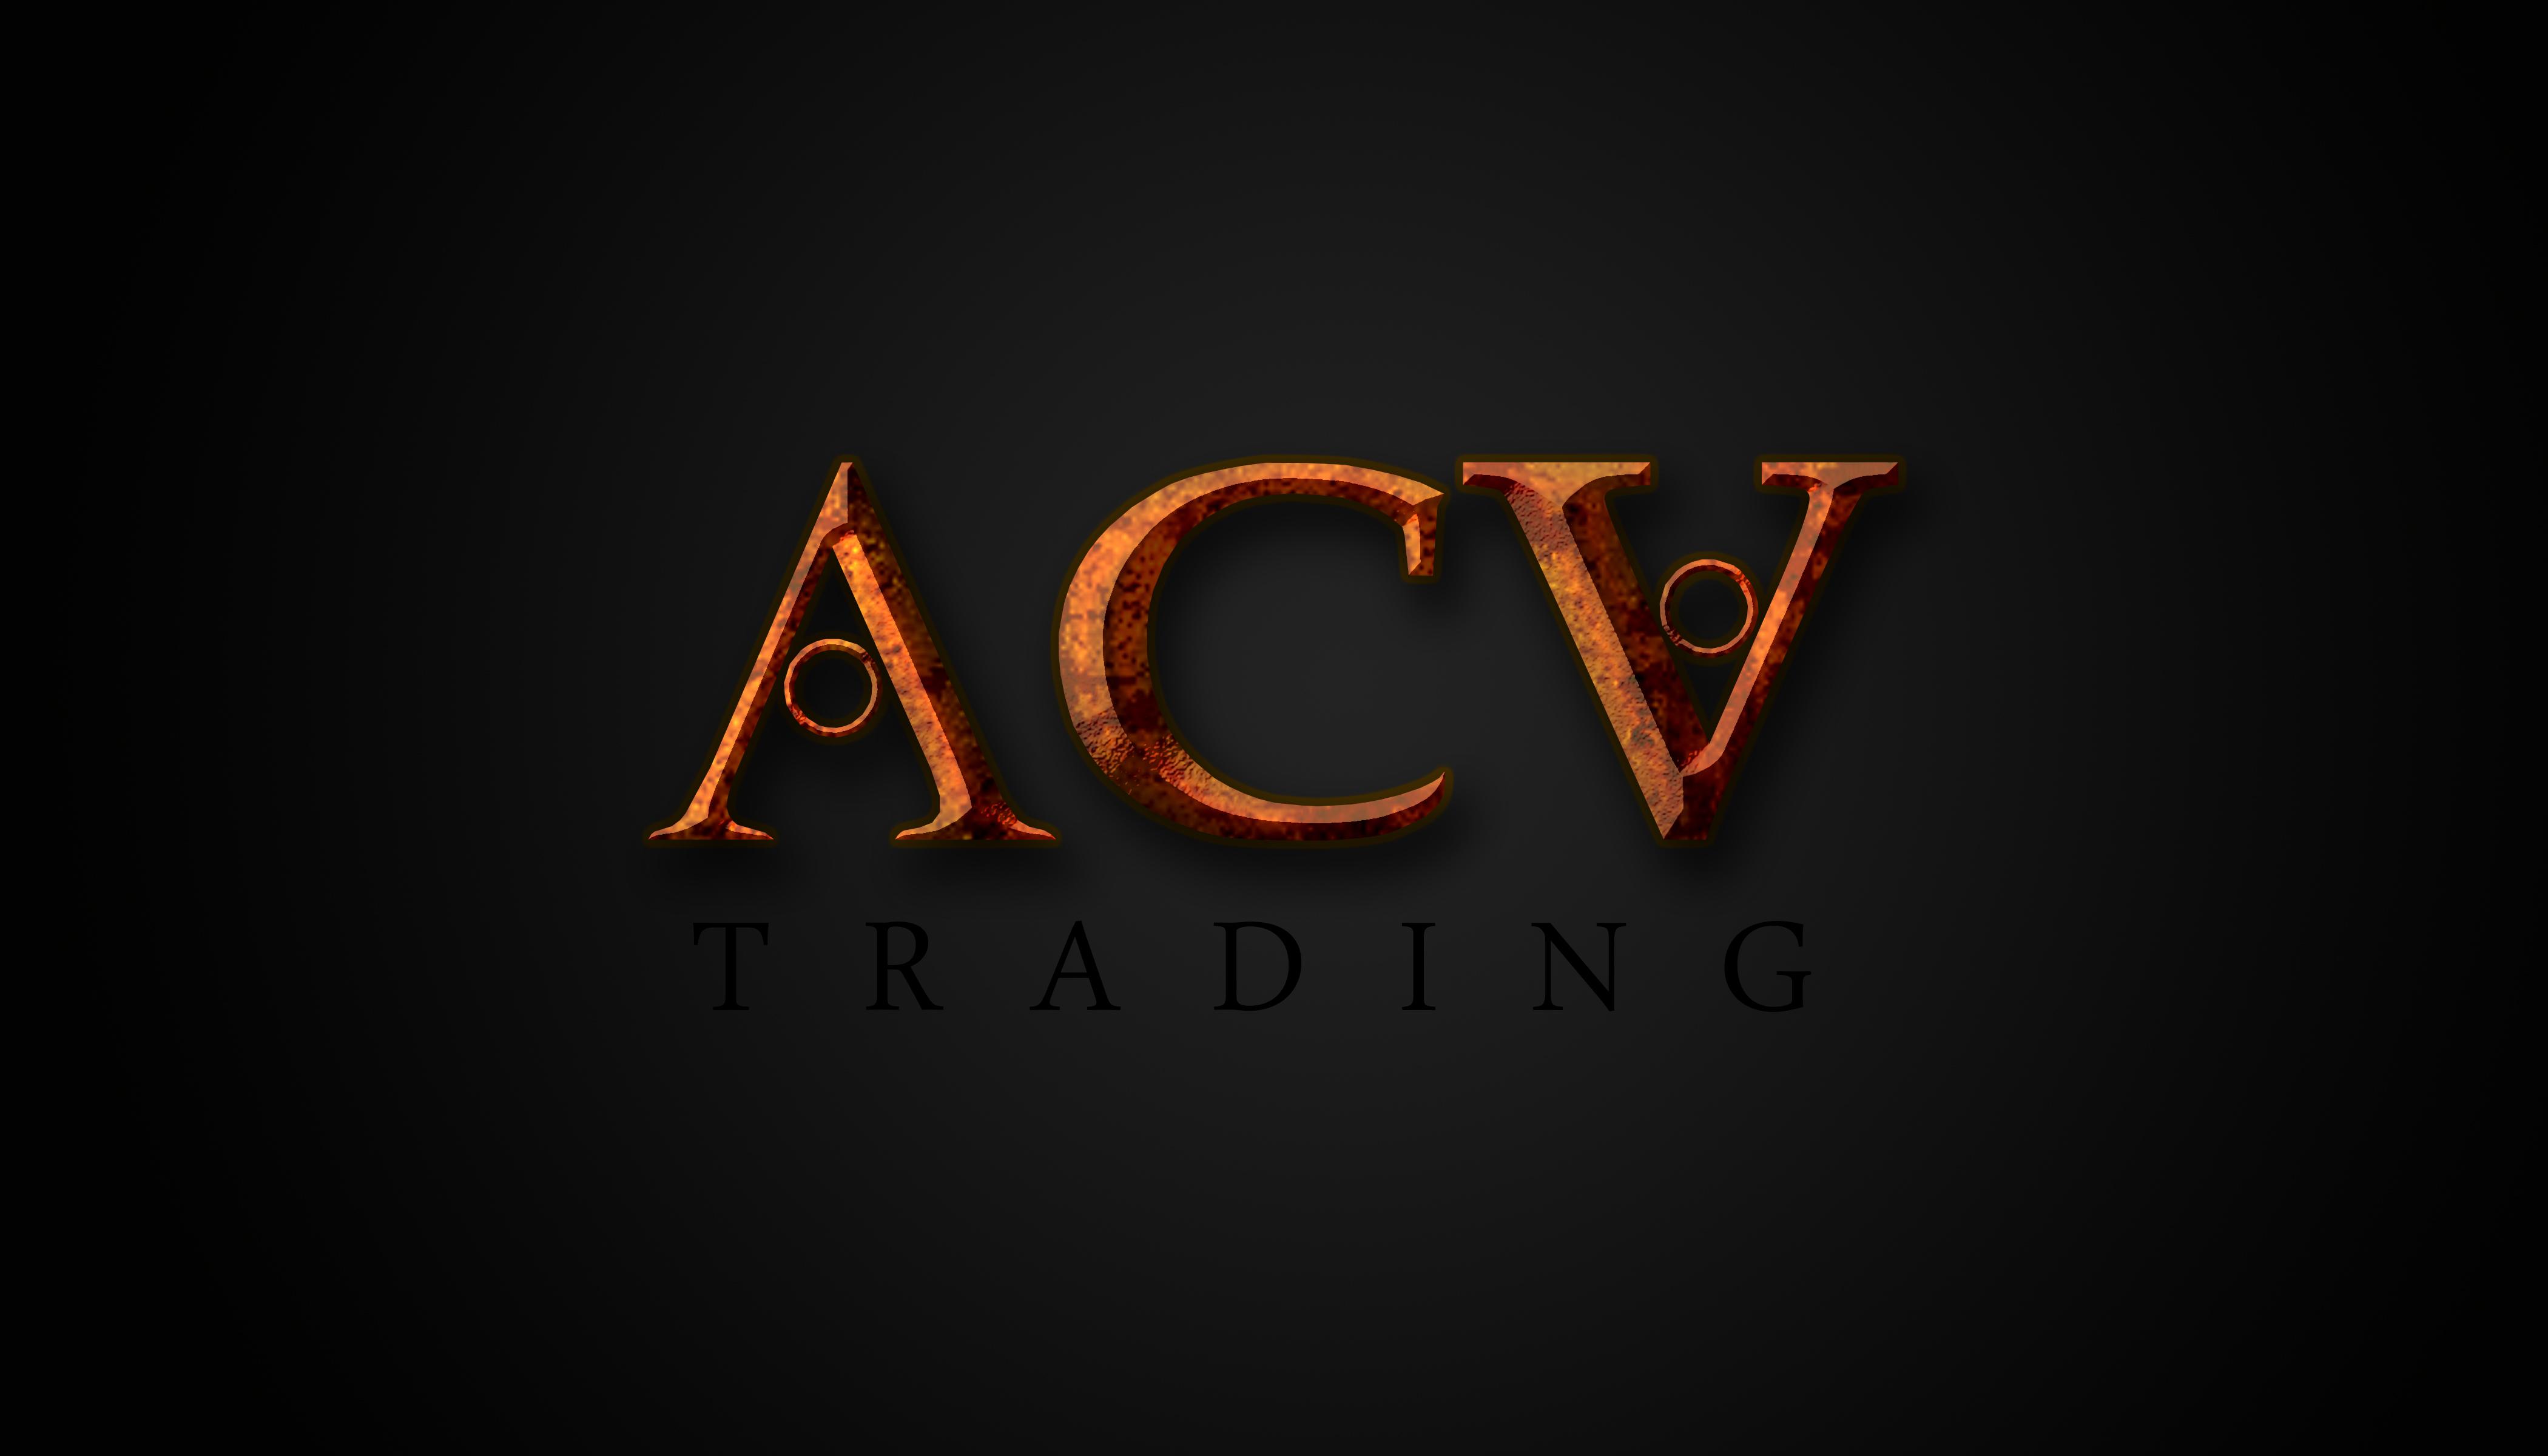 Logo Design by Jomar roy Villalobos - Entry No. 76 in the Logo Design Contest Fun Logo Design for ACV Trading.